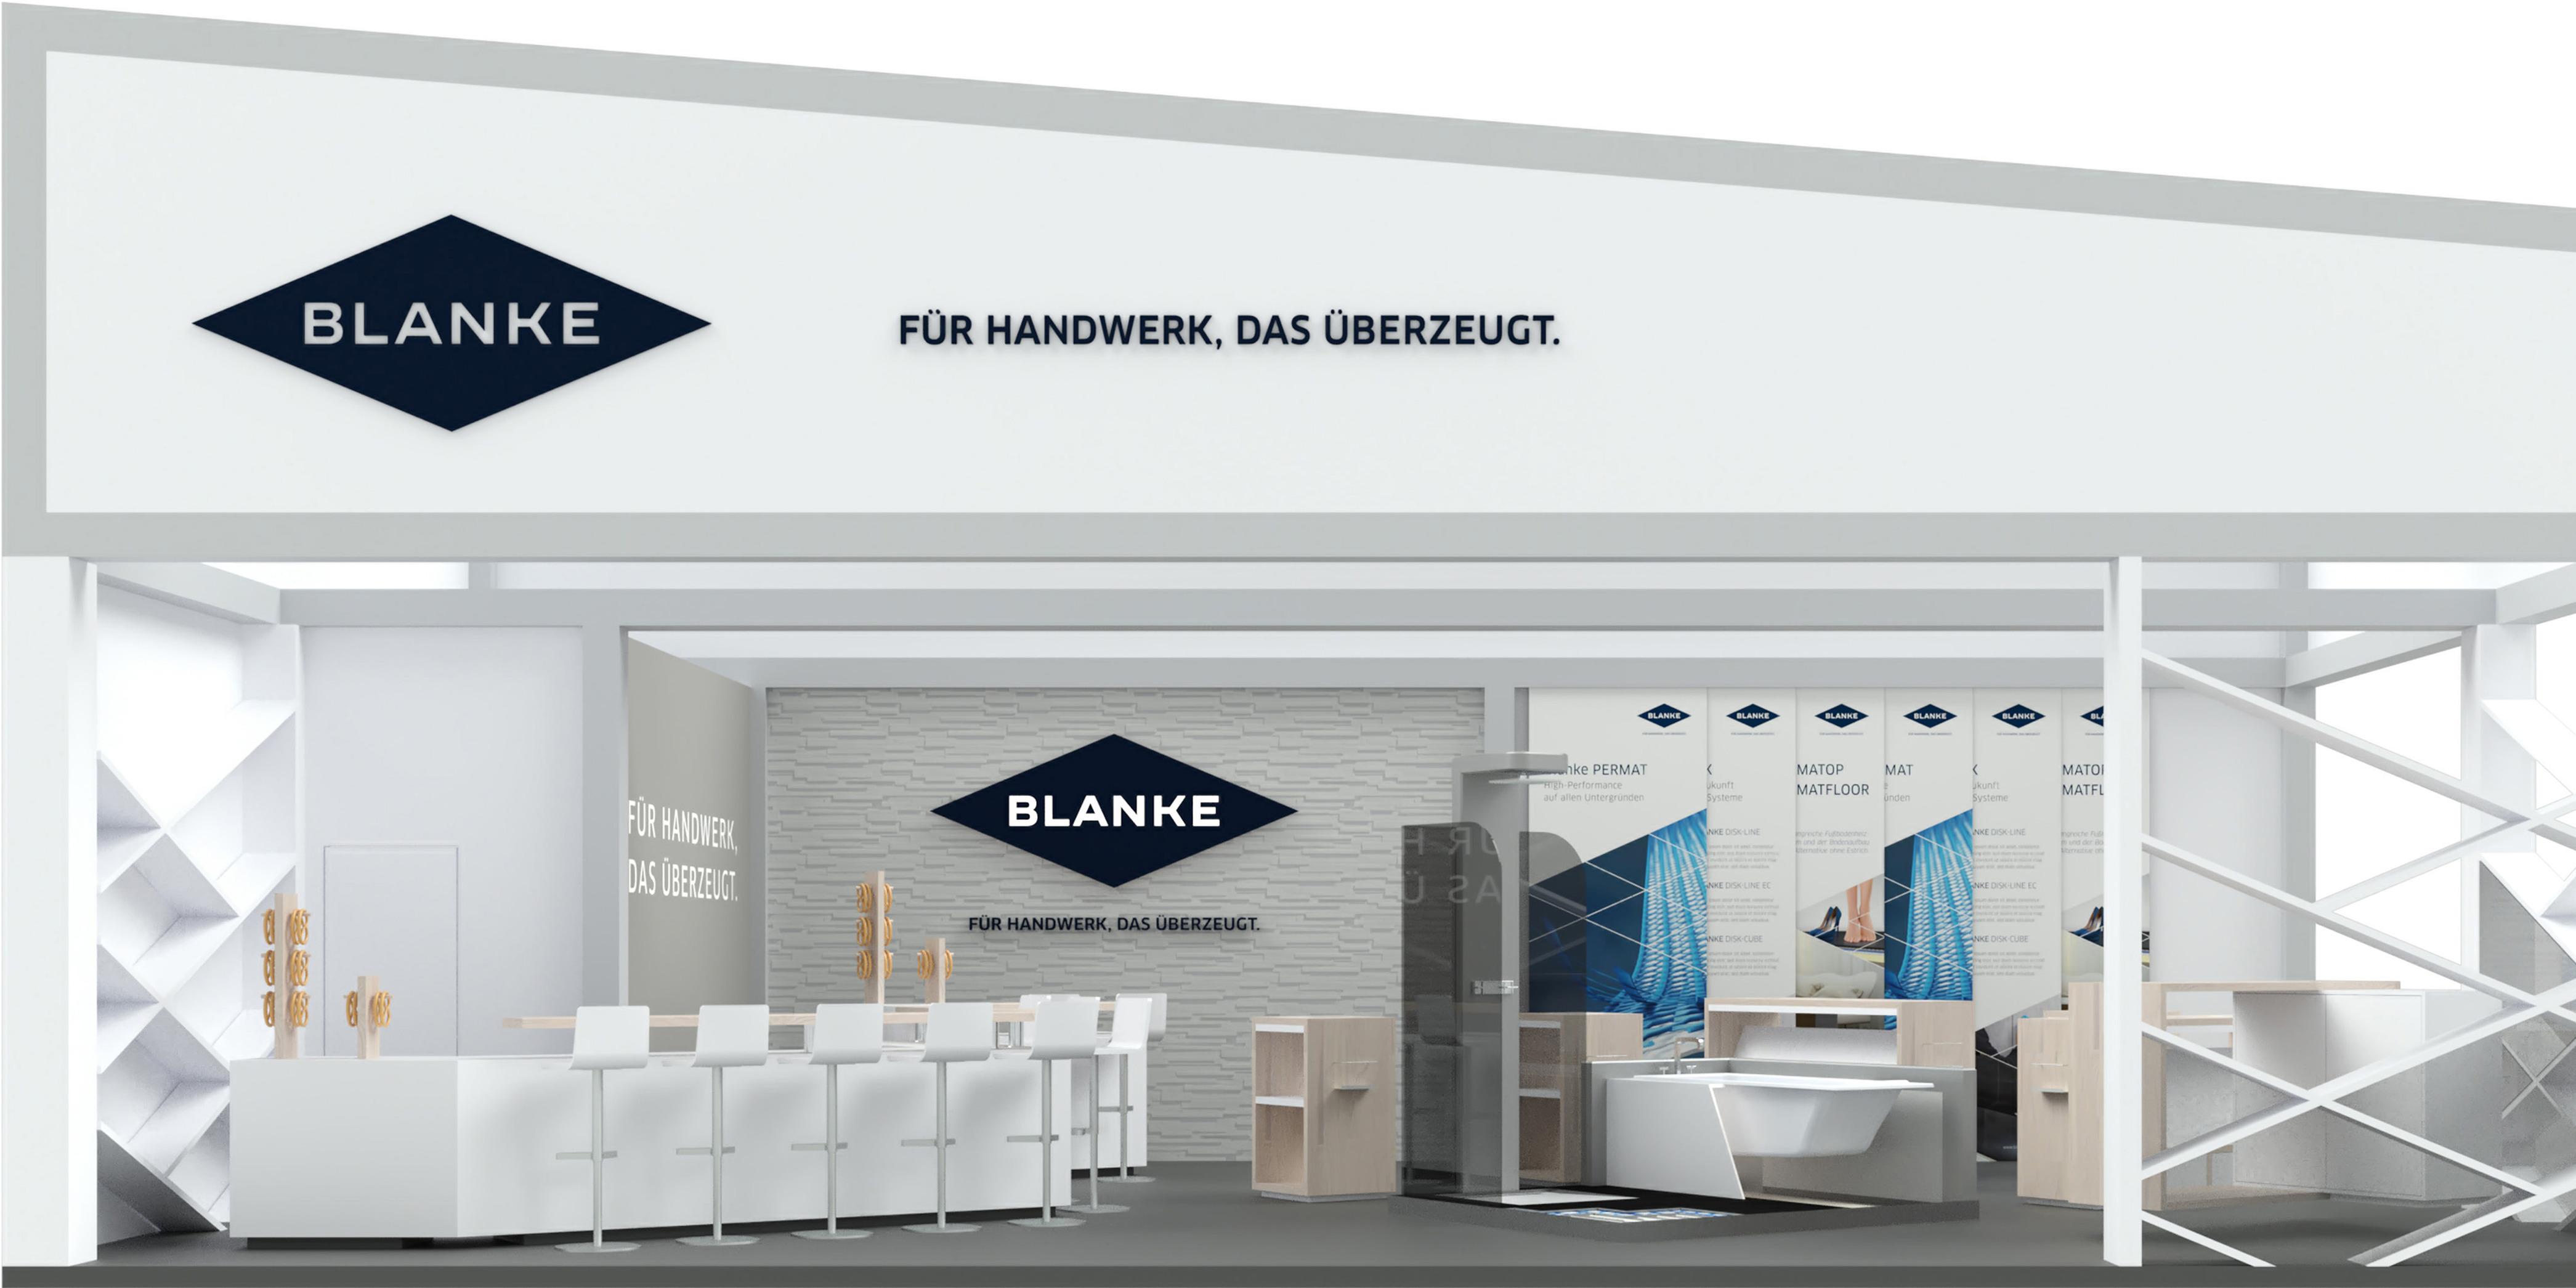 Die von MONOKI entwickelten Corporate Design Elemente sind integraler Teil des Blanke Eventdesigns.